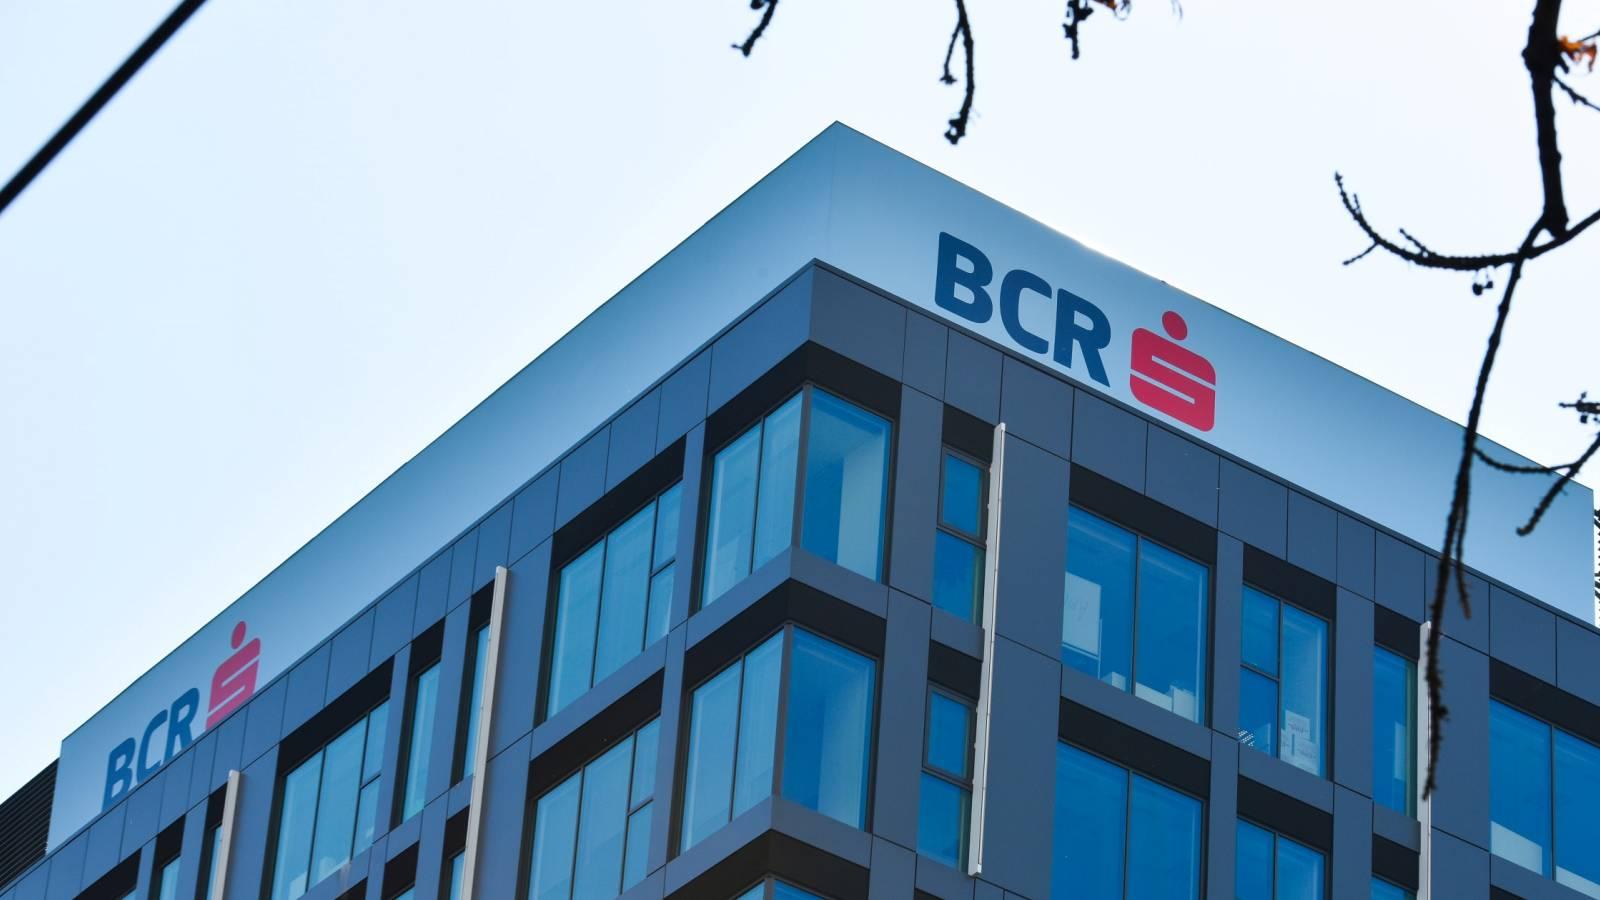 BCR Romania inconstant